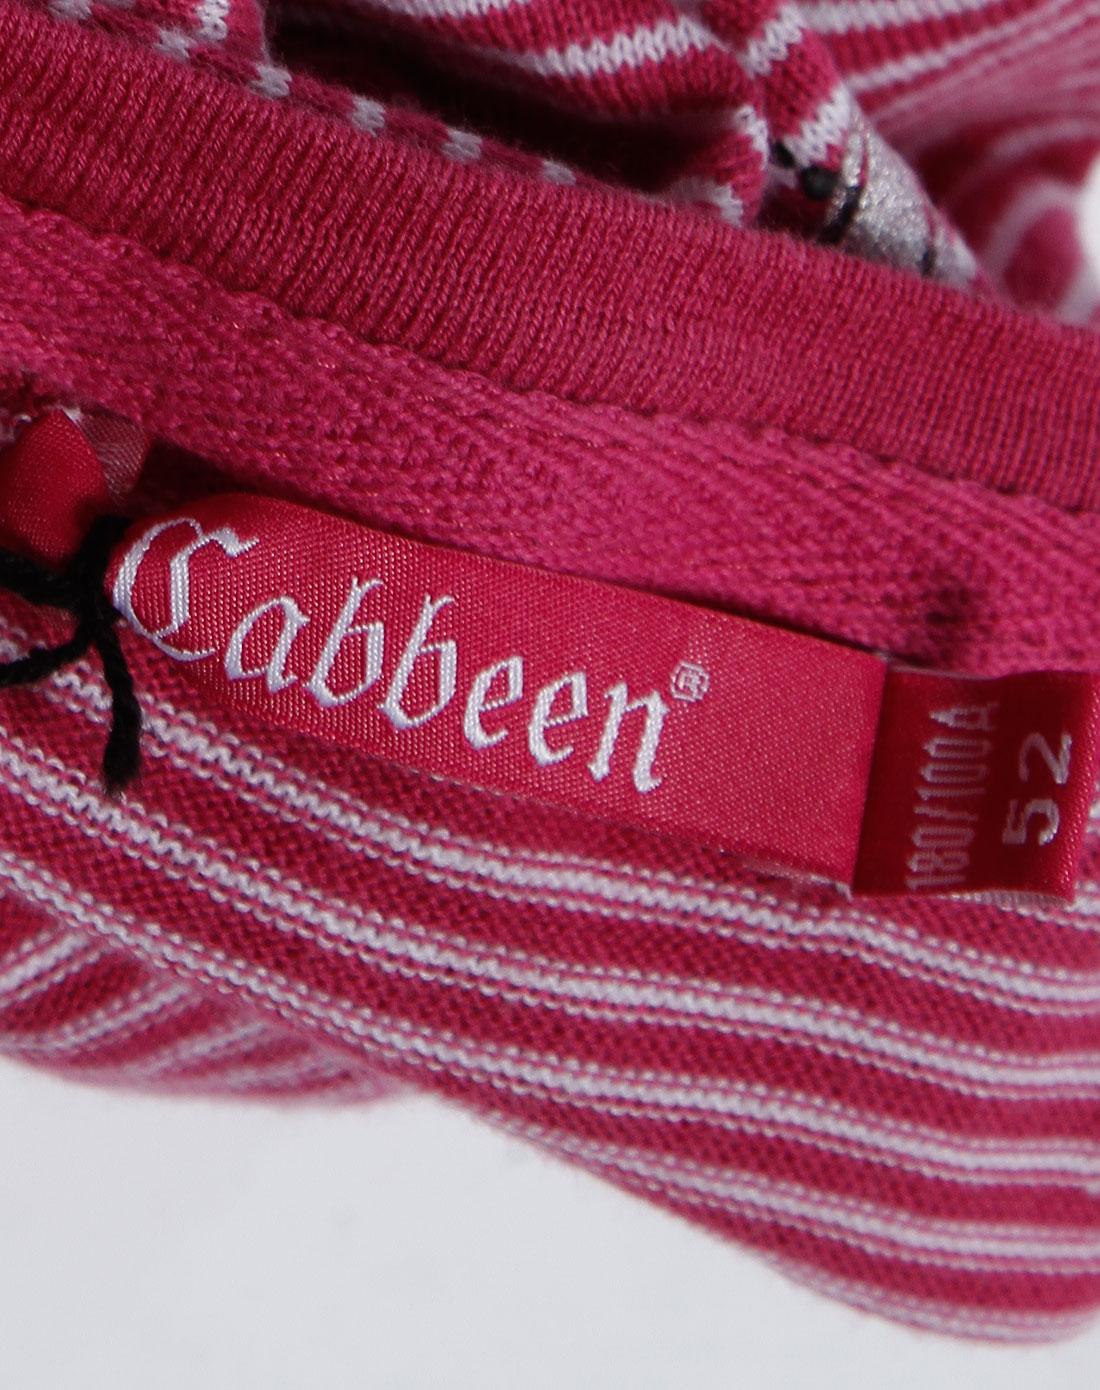 色条纹印图圆领短袖T恤 卡宾CABBEEN 男装官网特价3折起